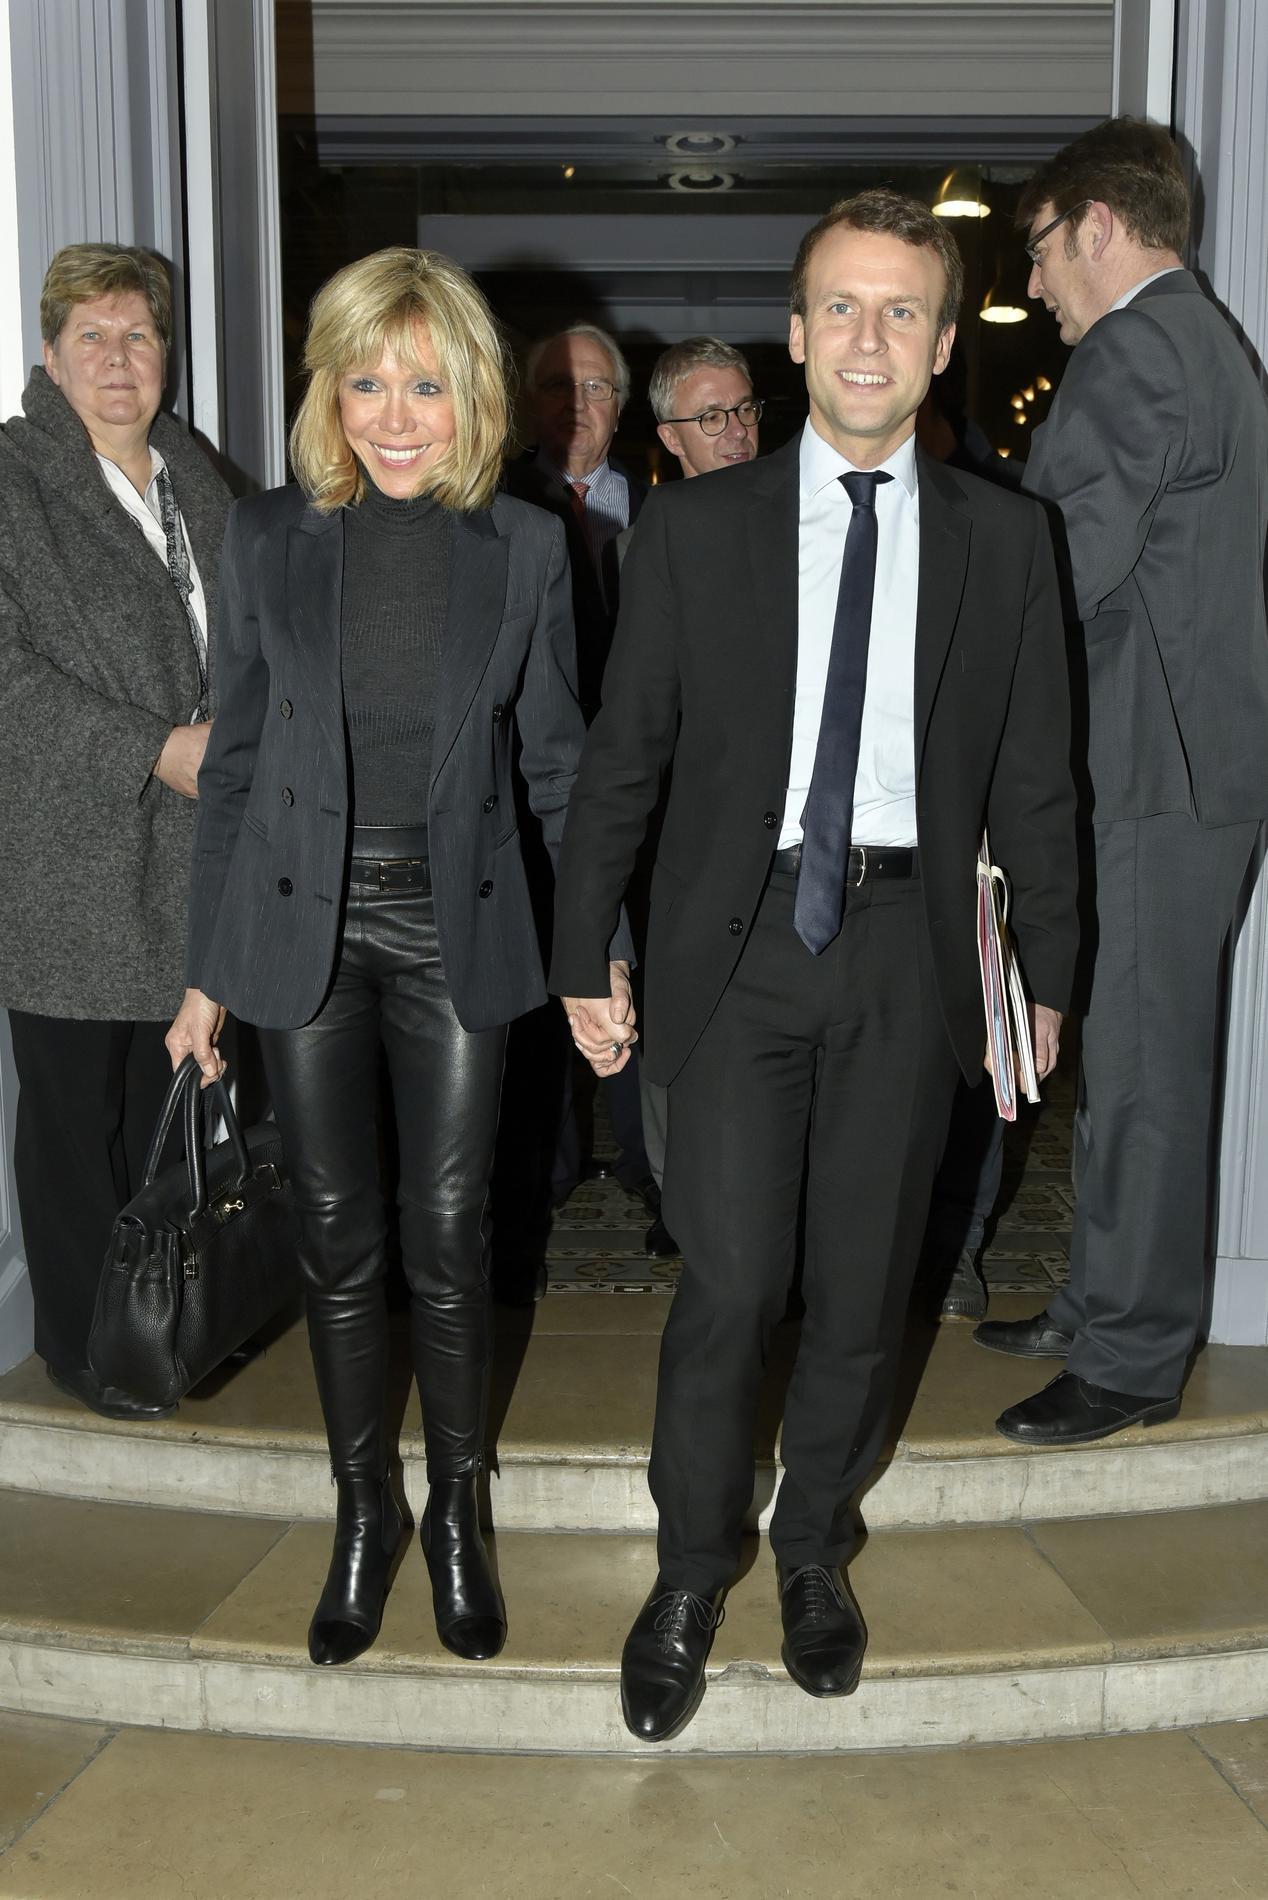 Madame Madame Whips Les Milfs Milfs Milfs Icône Nouvelles Brigitte Macron Des Figaro fFq00U